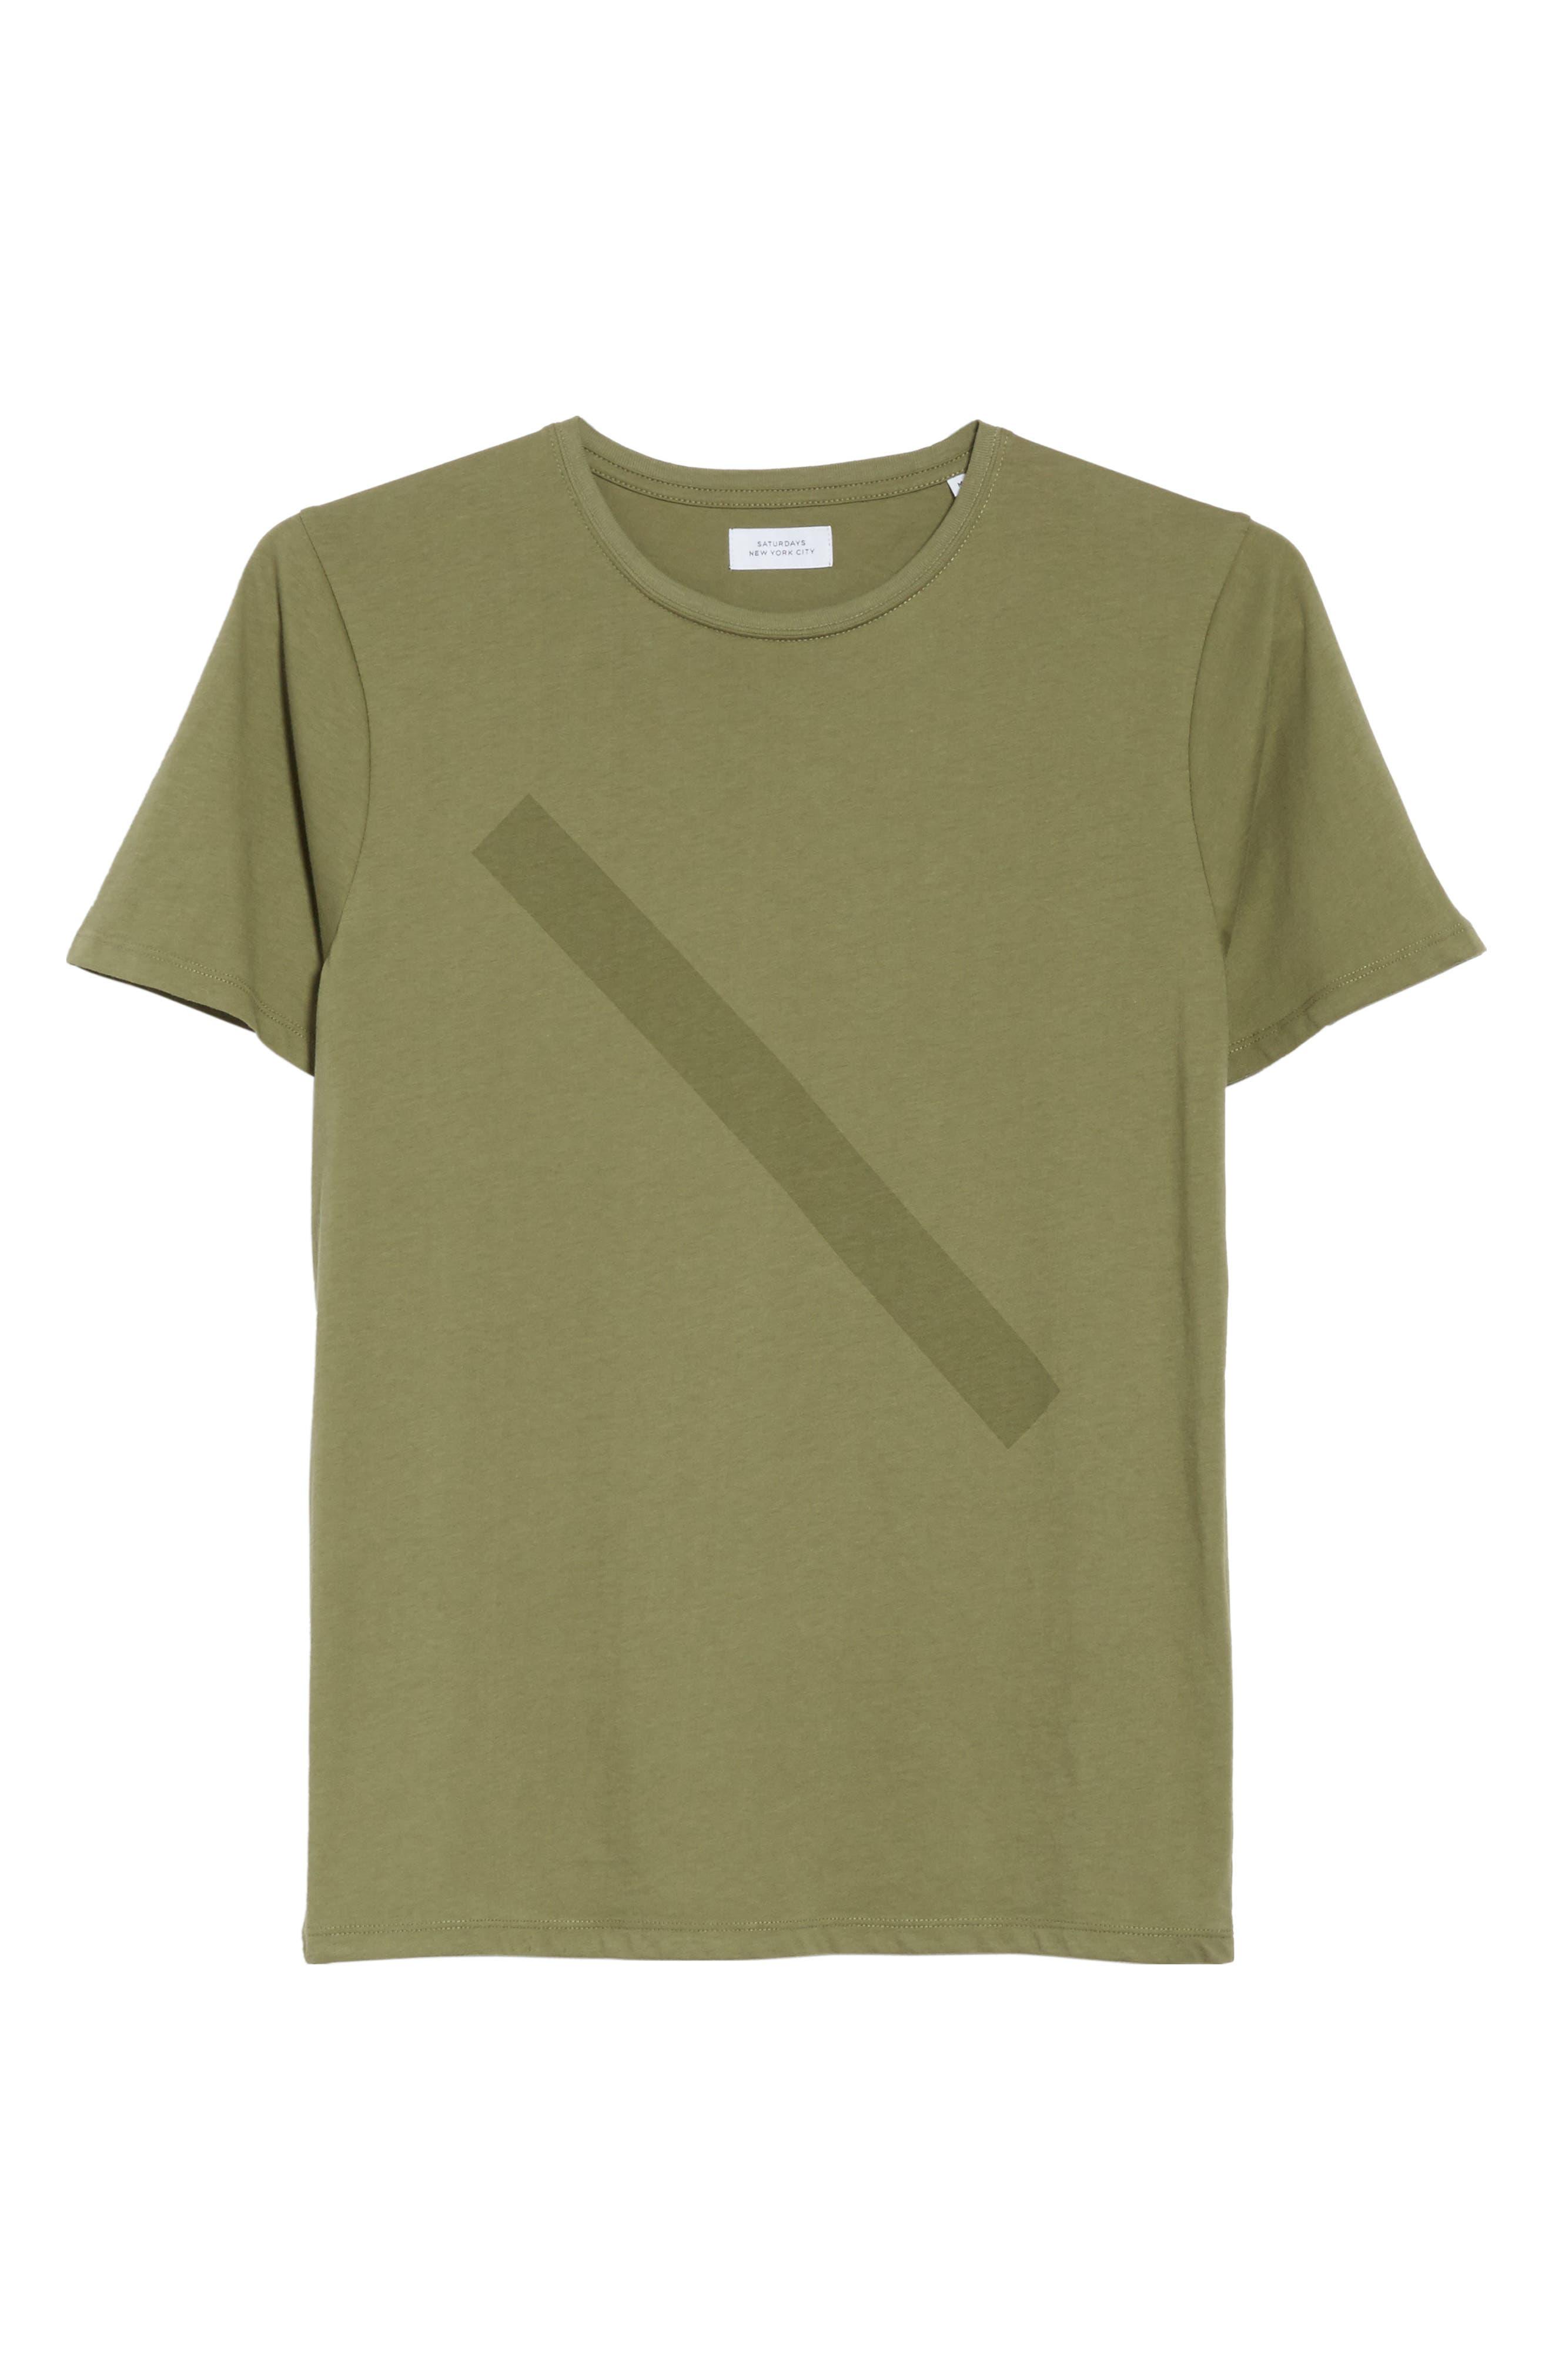 Tonal Slash Graphic T-Shirt,                             Alternate thumbnail 6, color,                             305